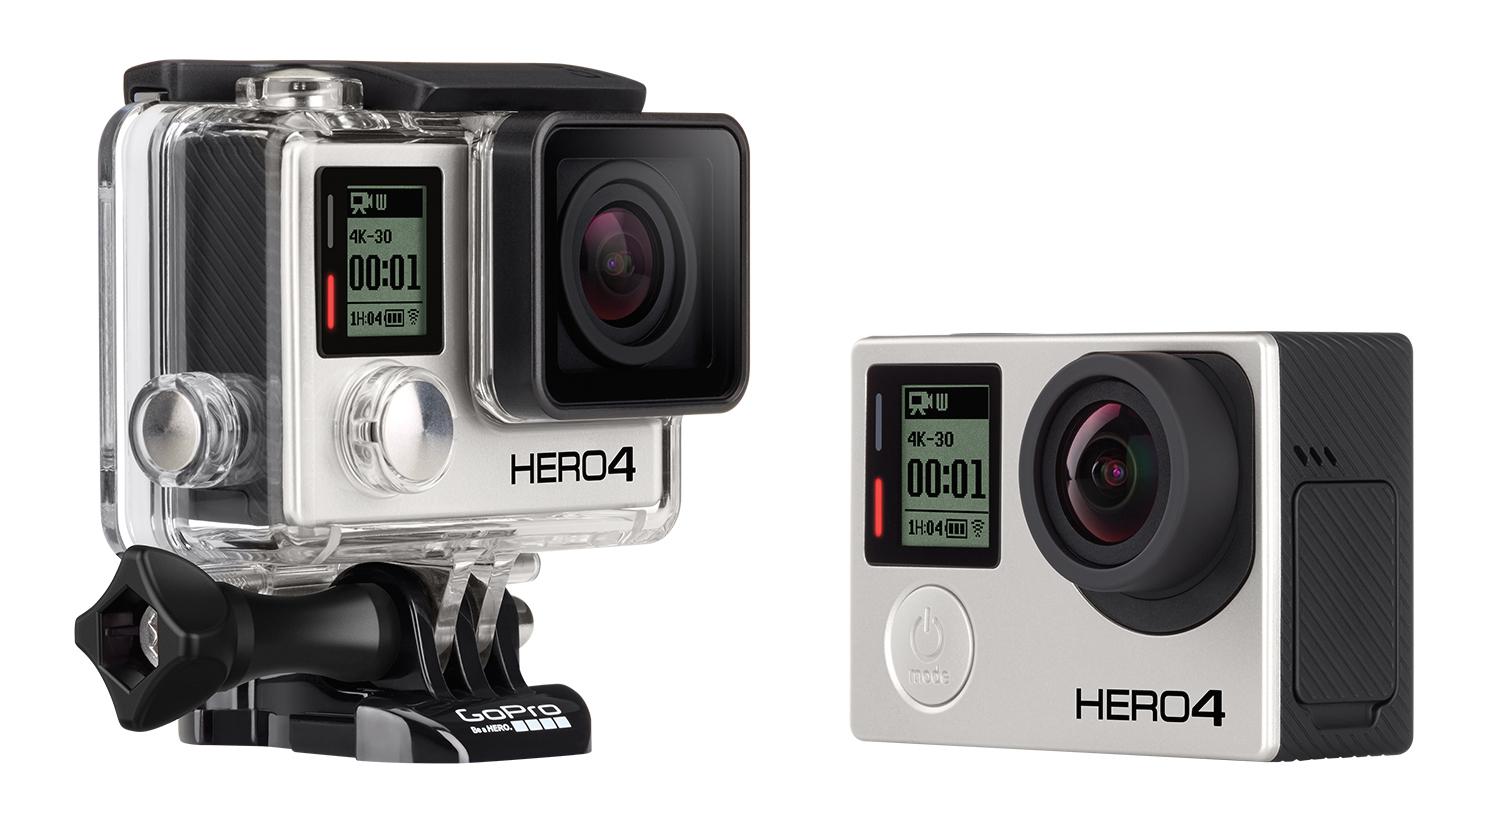 GoPro: Software-Update für Hero 4 Black und Hero 4 Silver